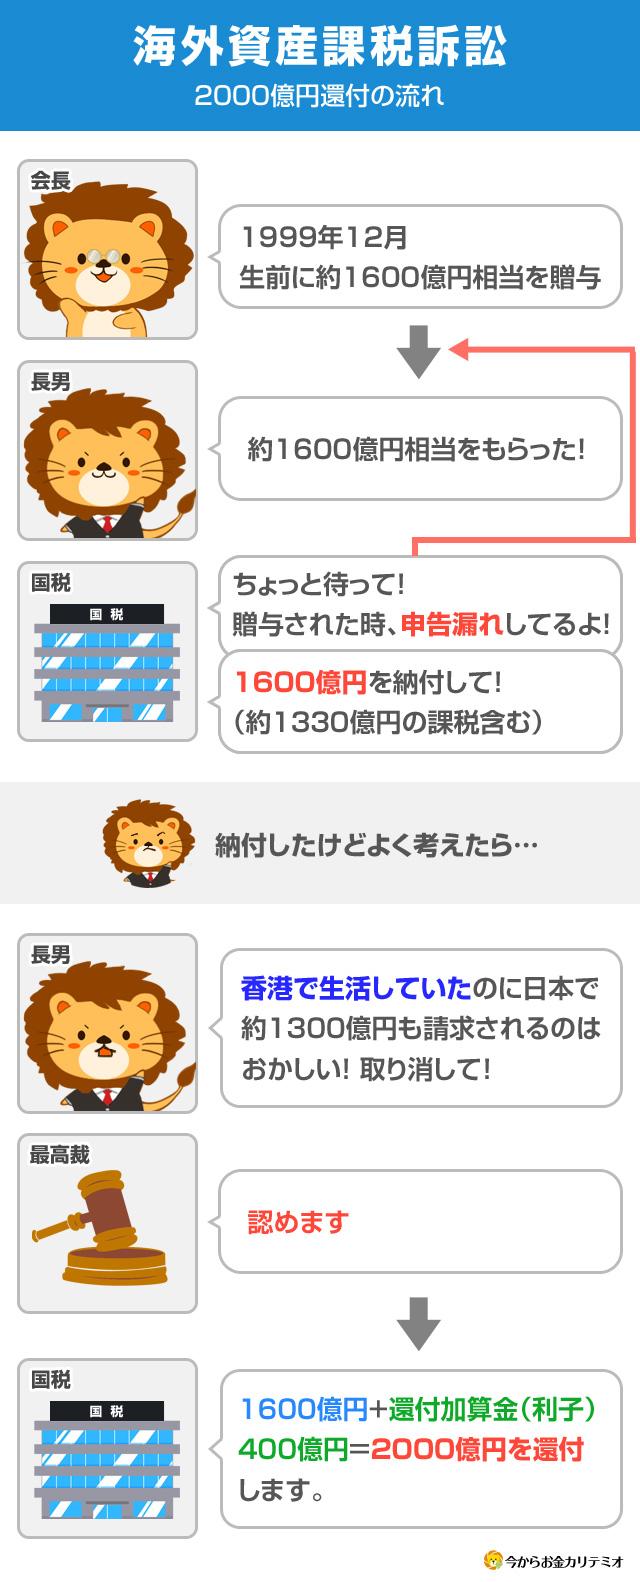 武富士 2000億円還付